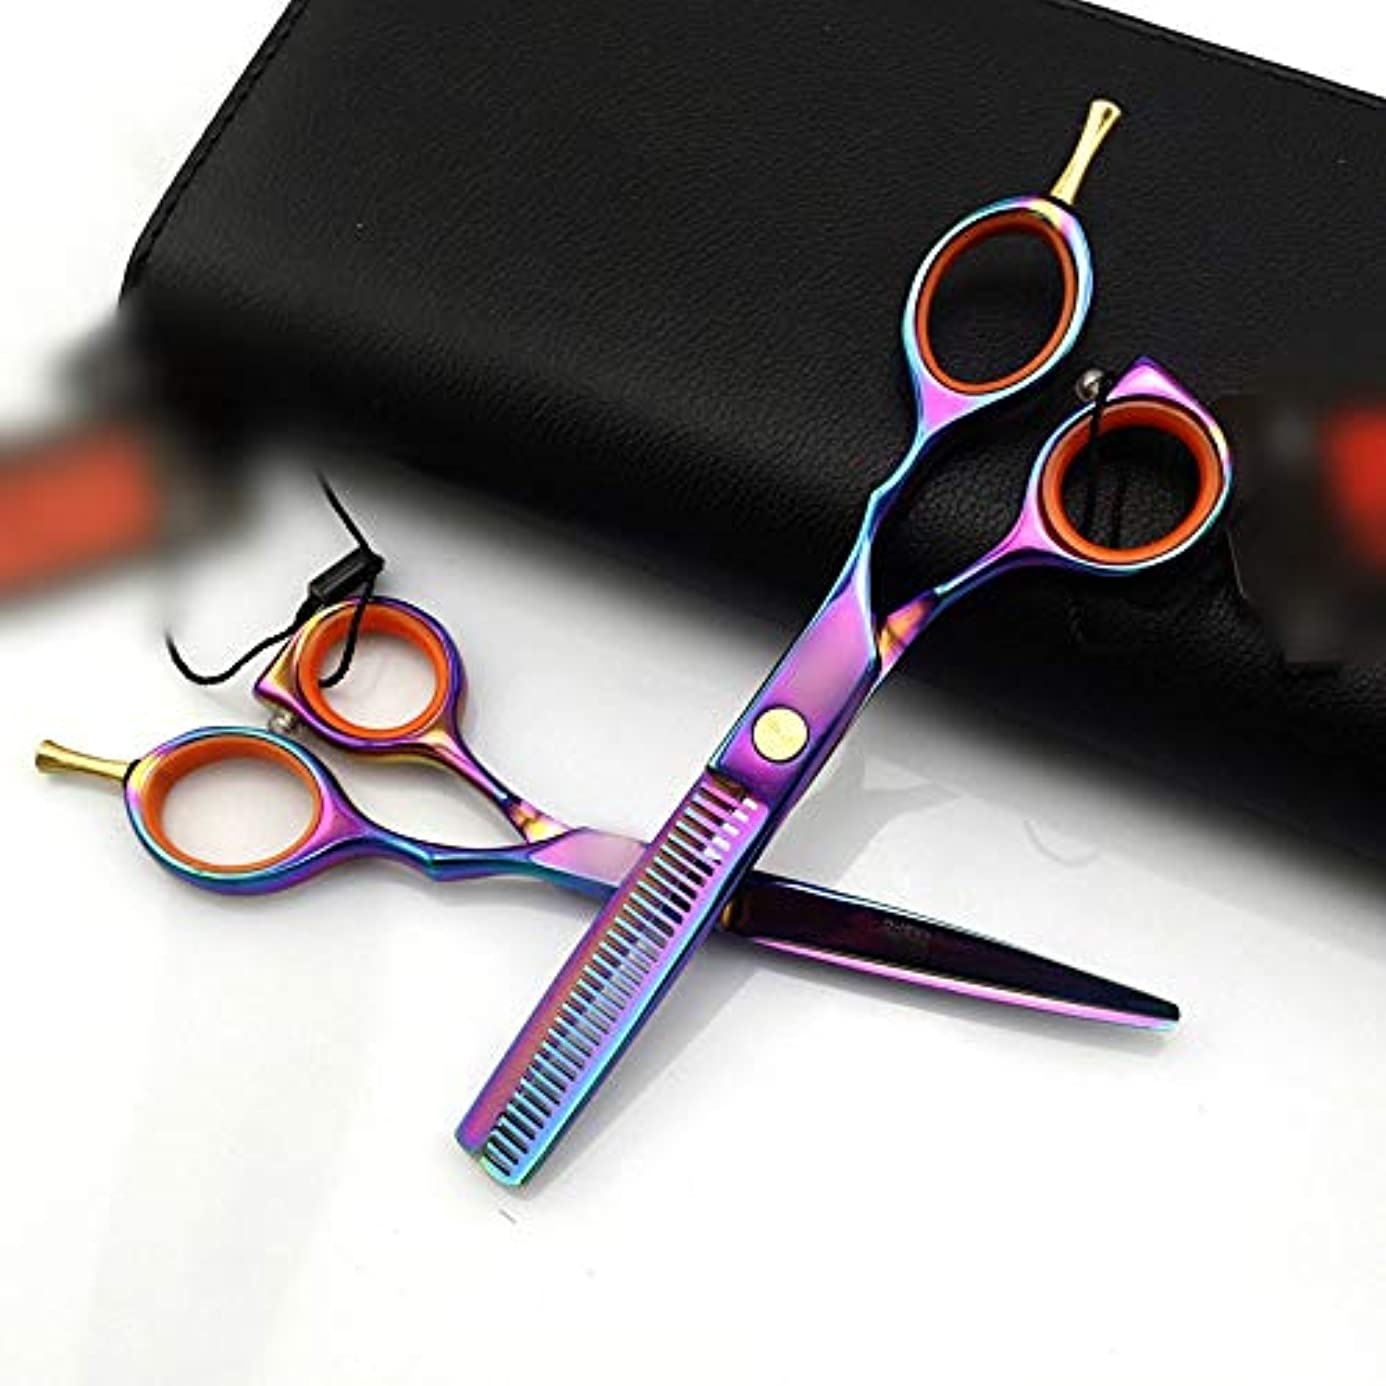 衝突コース配る叫び声Goodsok-jp 5.5インチの多彩な専門の理髪はさみ、平らな歯の理髪はさみセット (色 : Colors)